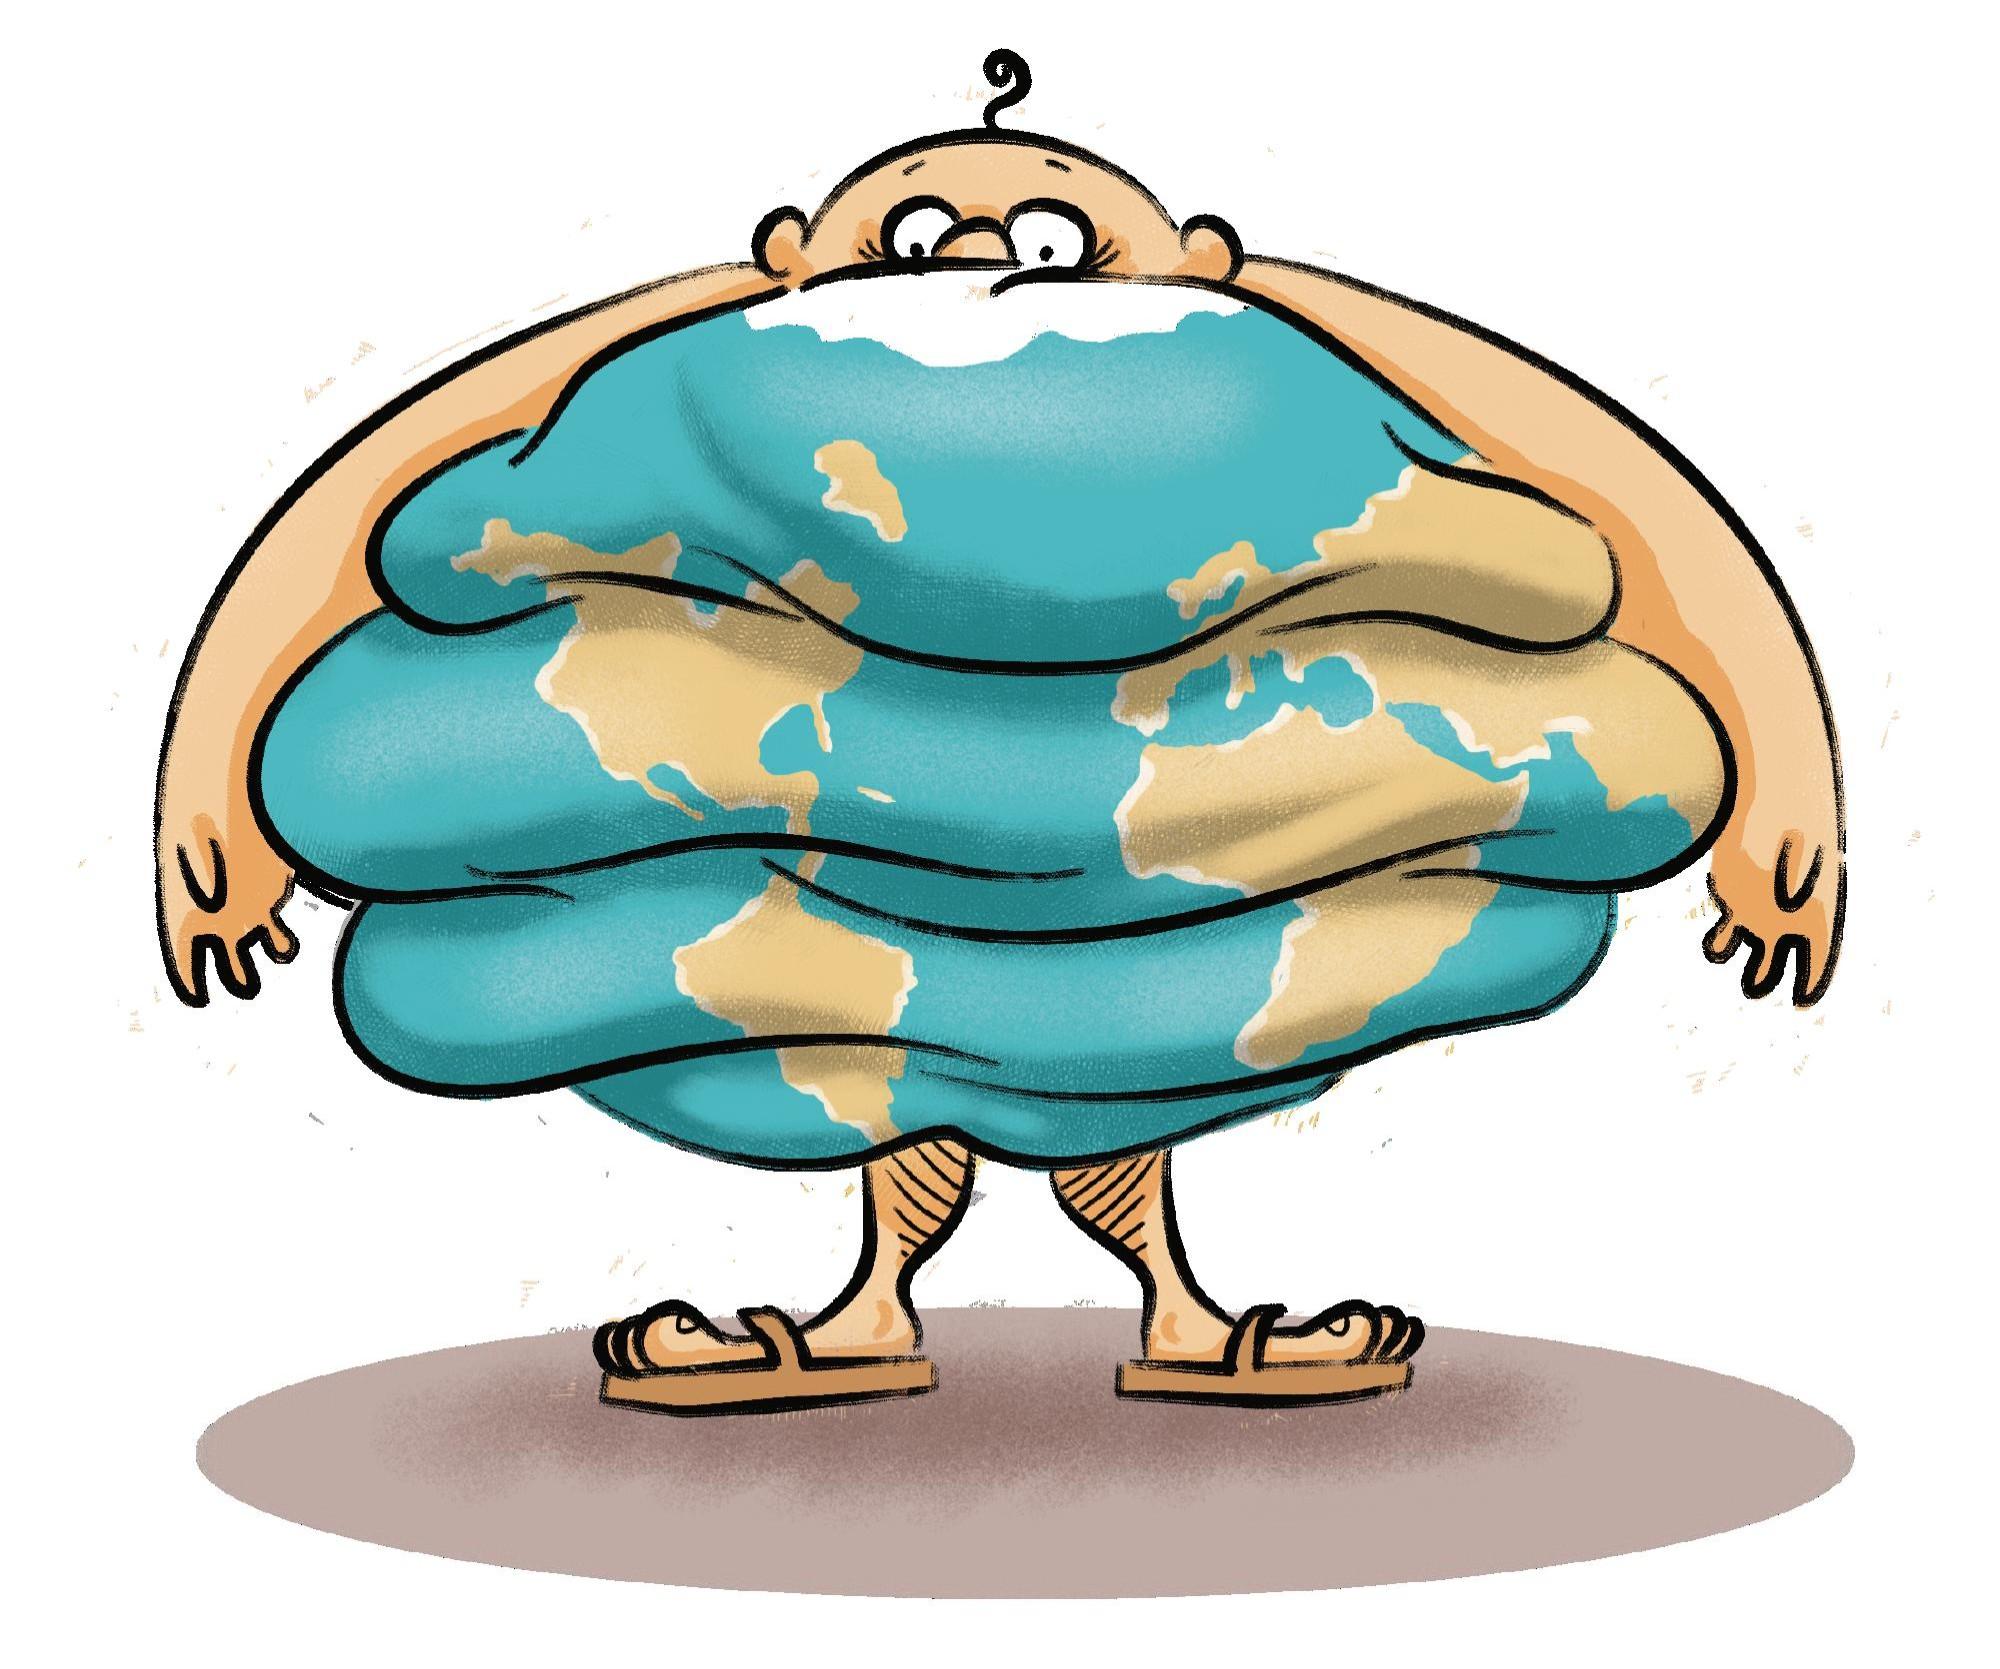 El 51 % de Medellín tiene problemas de sobrepeso